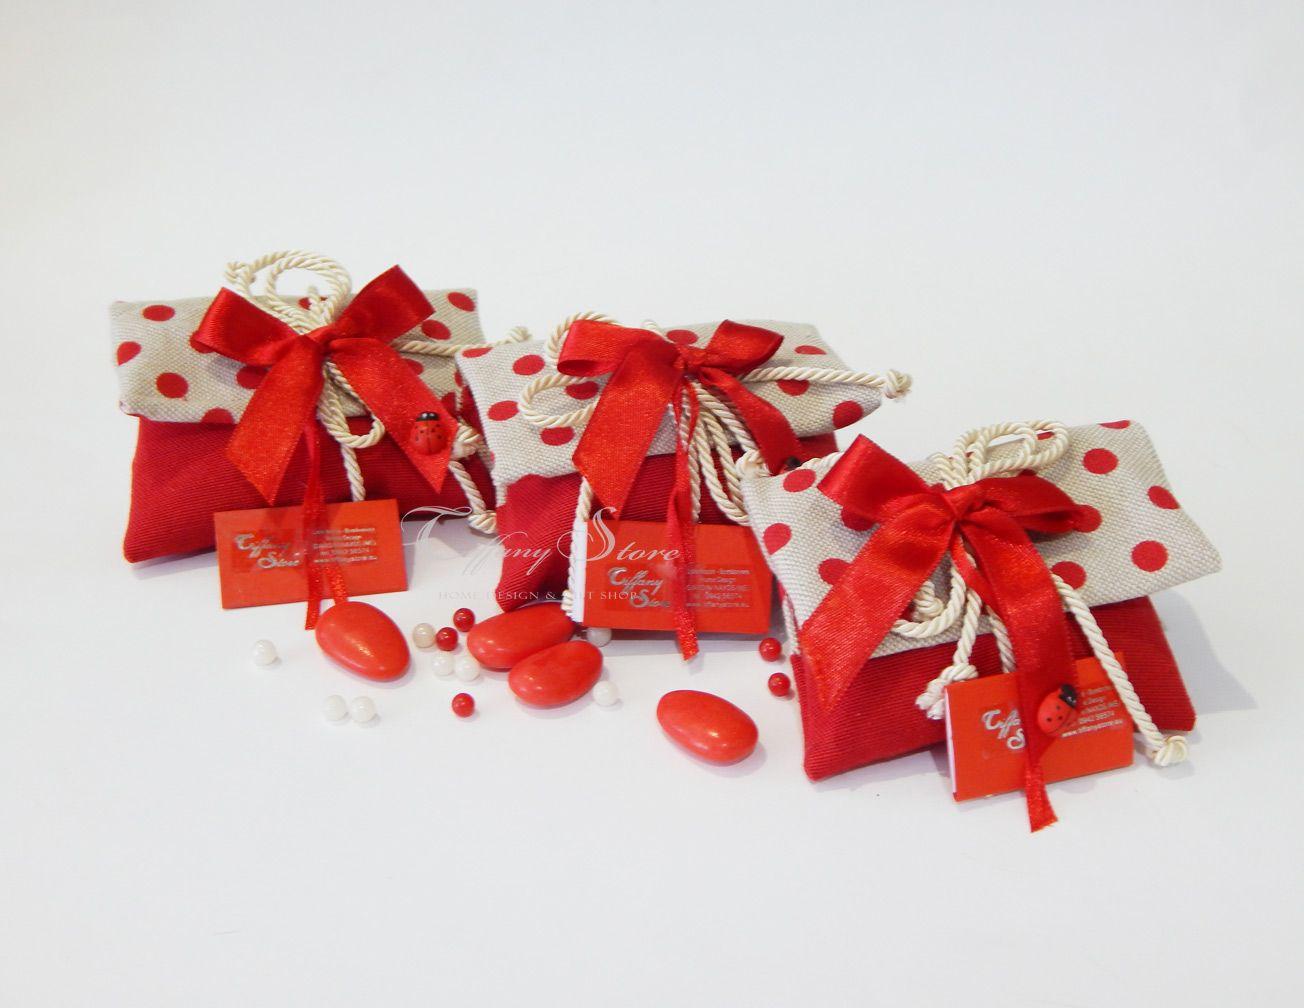 Sacchettini Per Laurea Confezionati Con 5 Confetti Maxtris E Chiuso Con Gioco Bomboniere Idee Per La Laurea Idee Per Confezioni